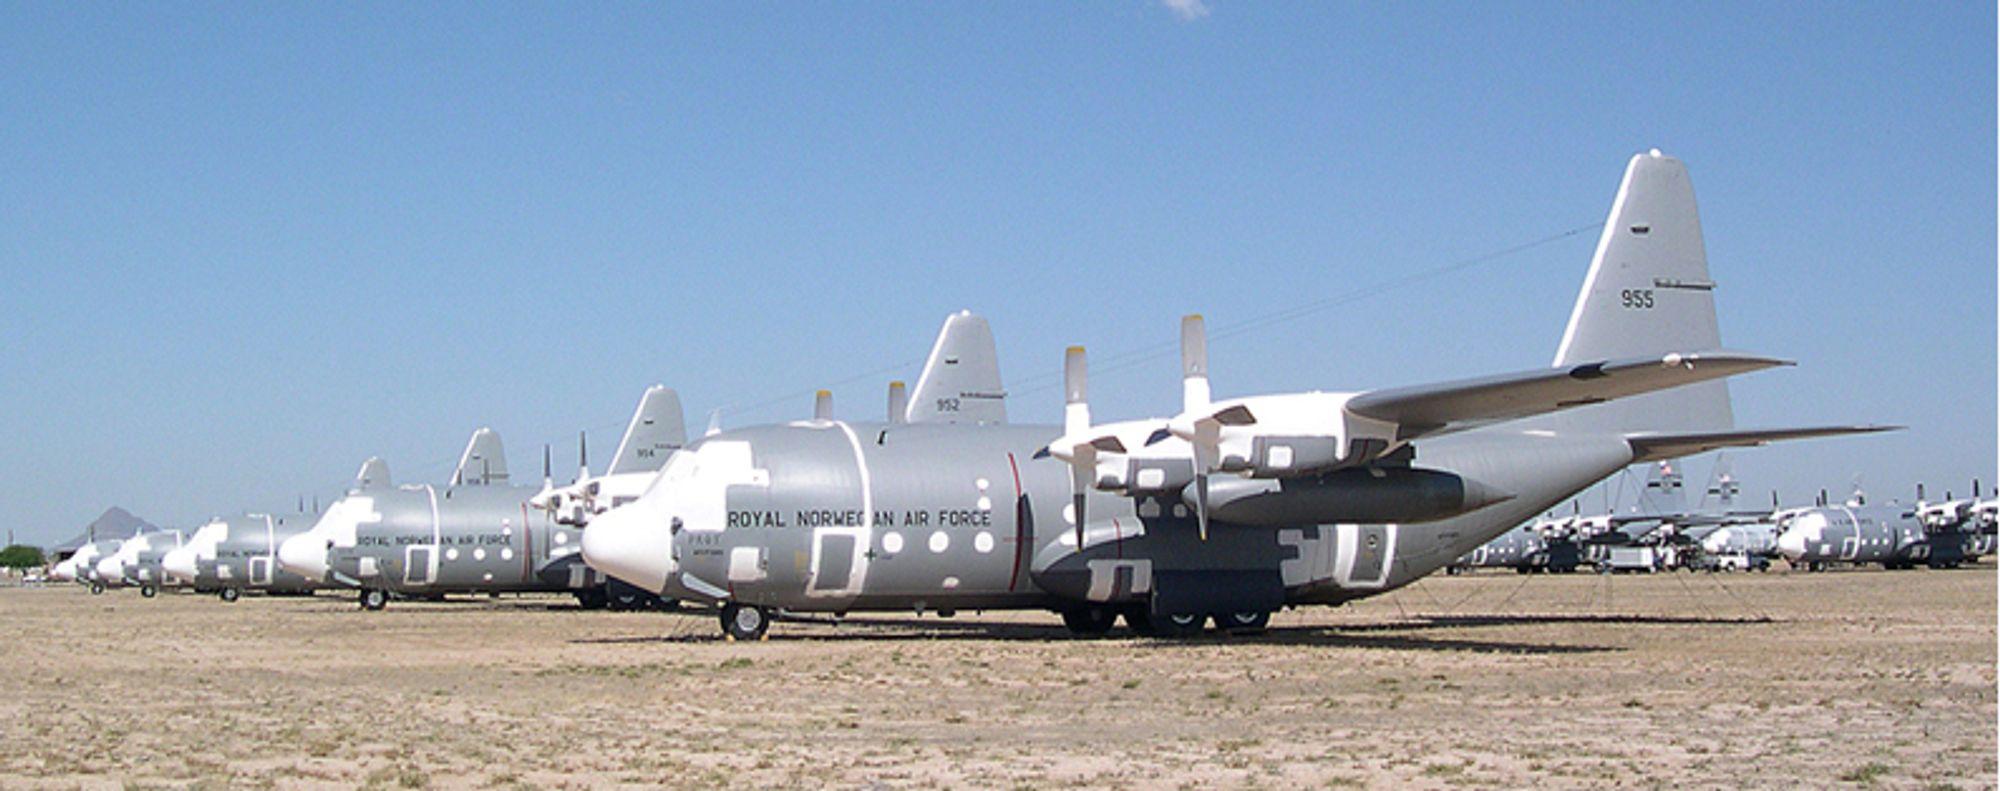 SNART VISNING: Her å¨Aerospace Maintenance and Regeneration Group (AMARG), i Tucson, Arizona, står de fem norske C-130H Herculesene lagret. I uke 38 er det første visningsrunde.